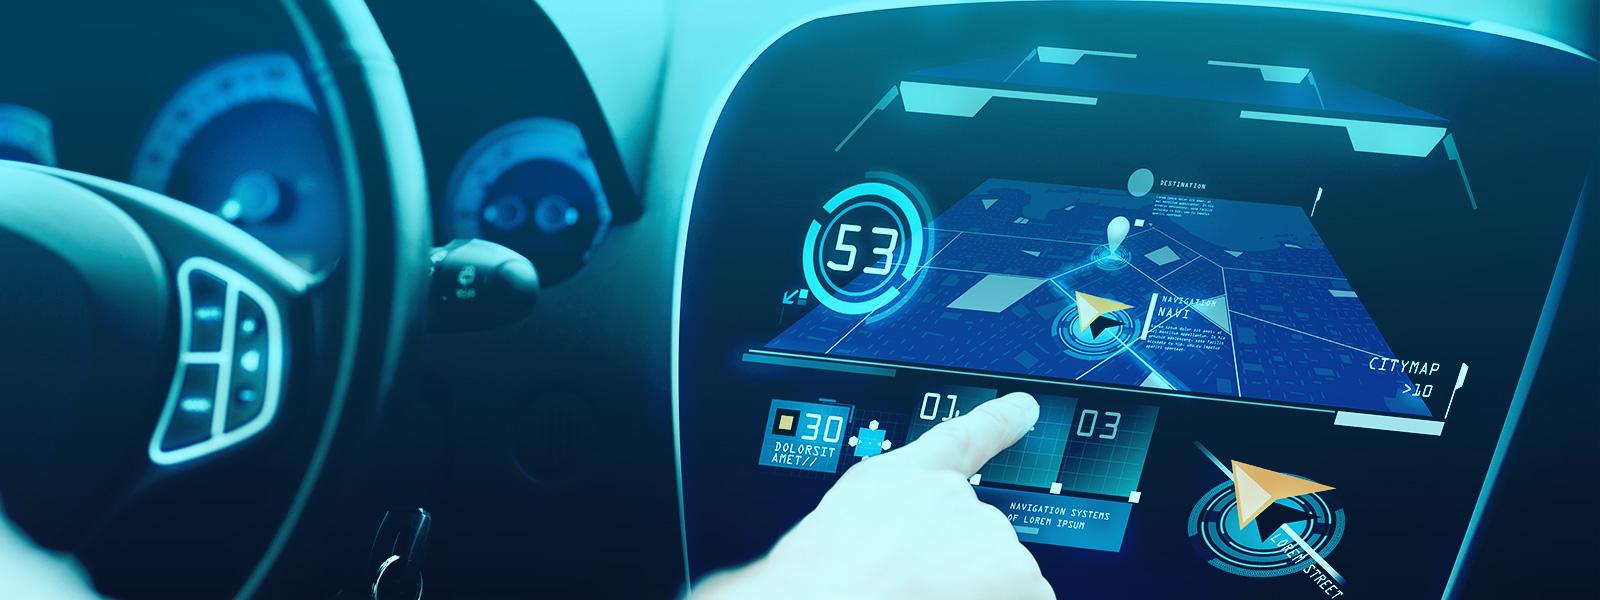 carros-comuns-transformados-semiautonomos-blog-ceabs